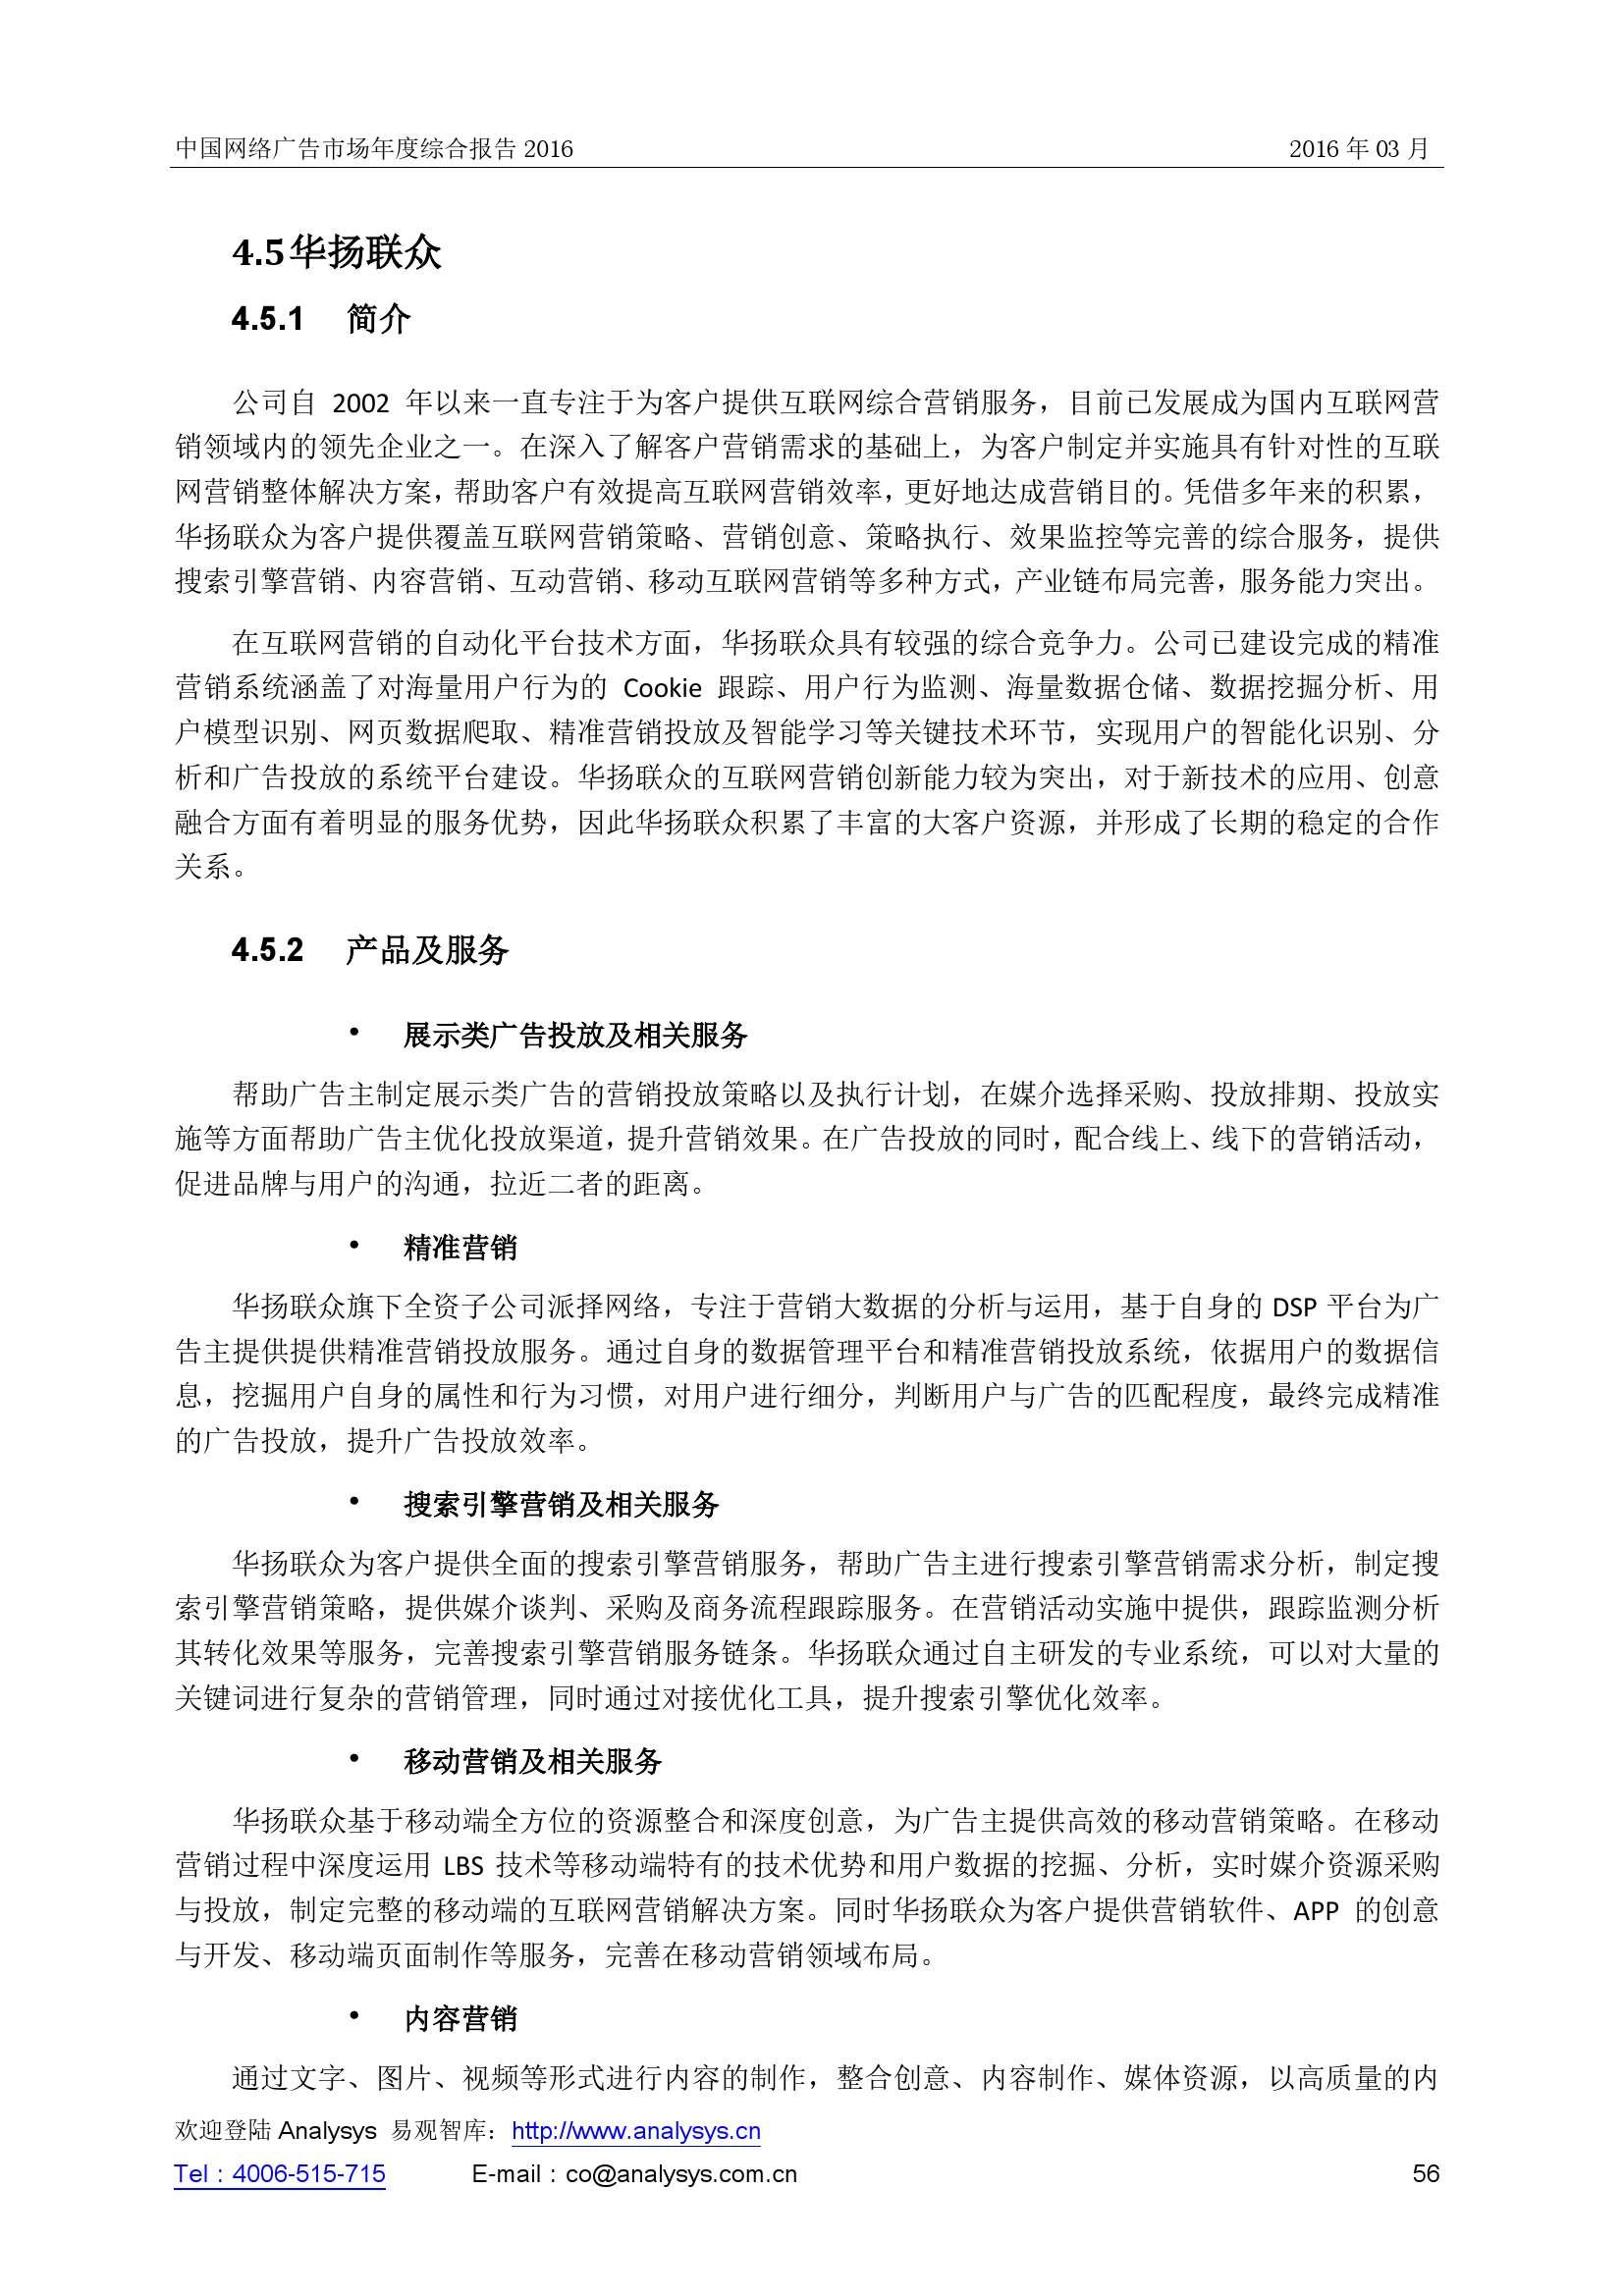 中国网络广告市场年度综合报告2016_000056